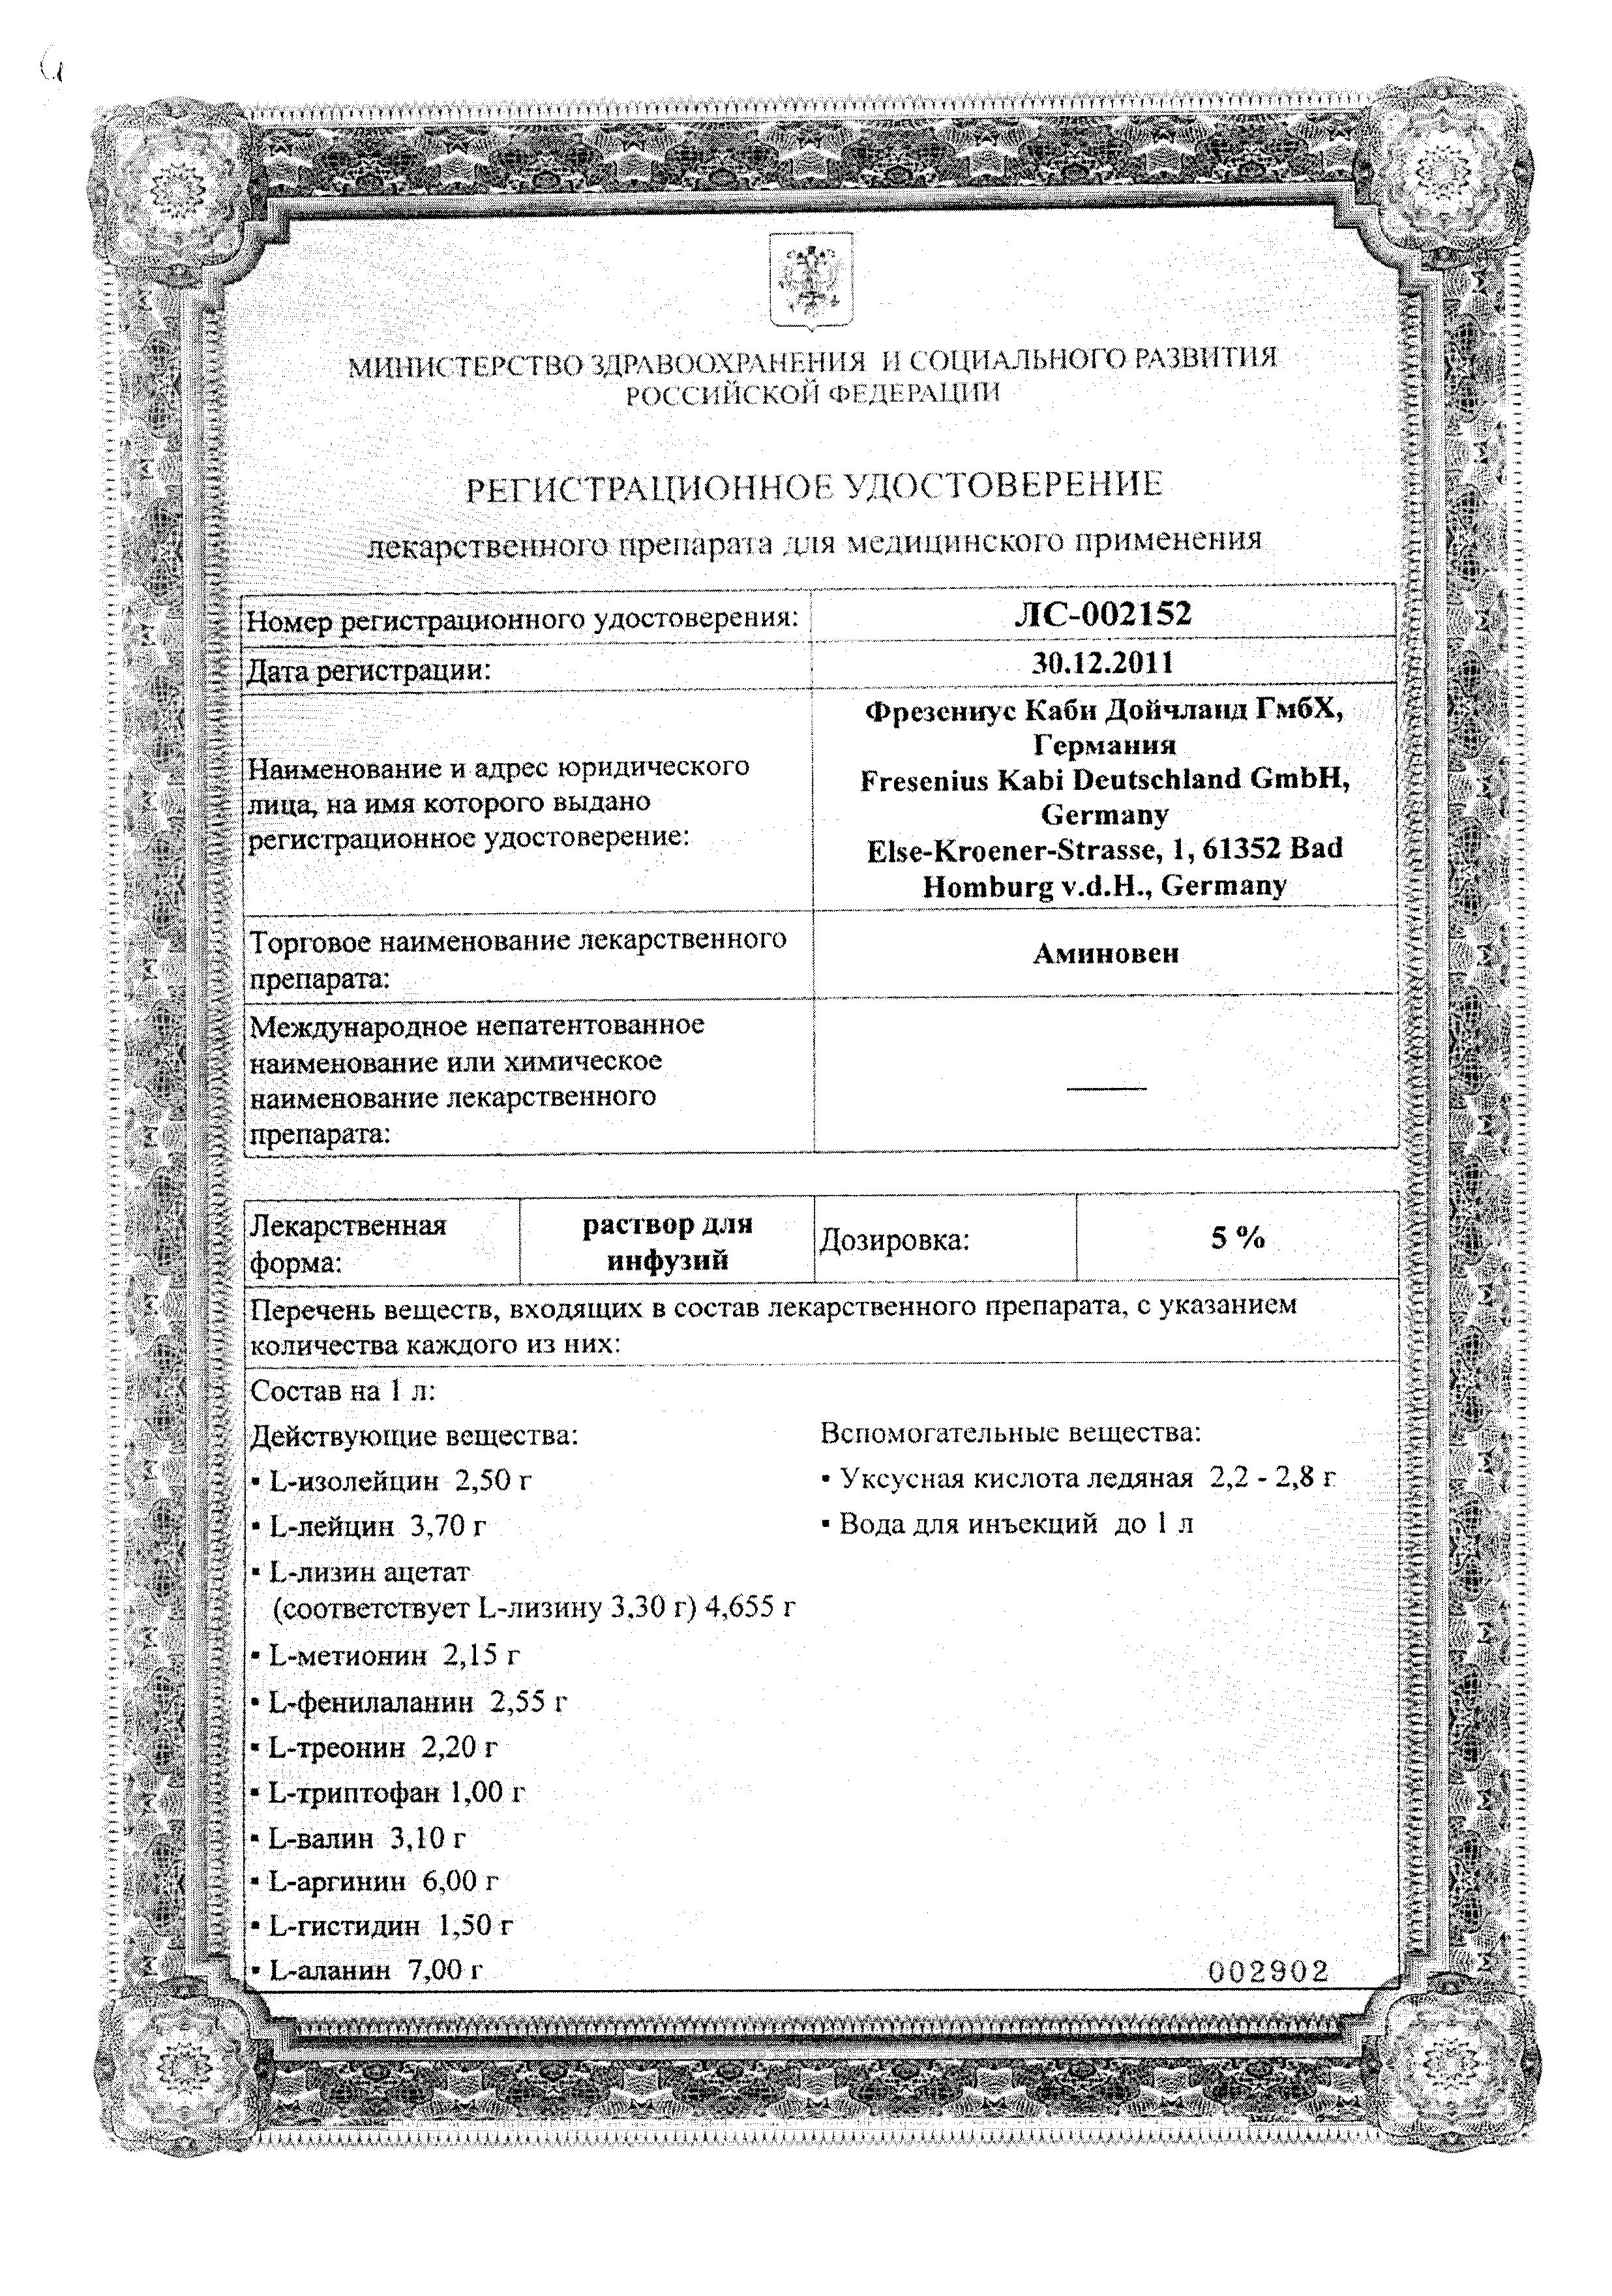 Аминовен сертификат